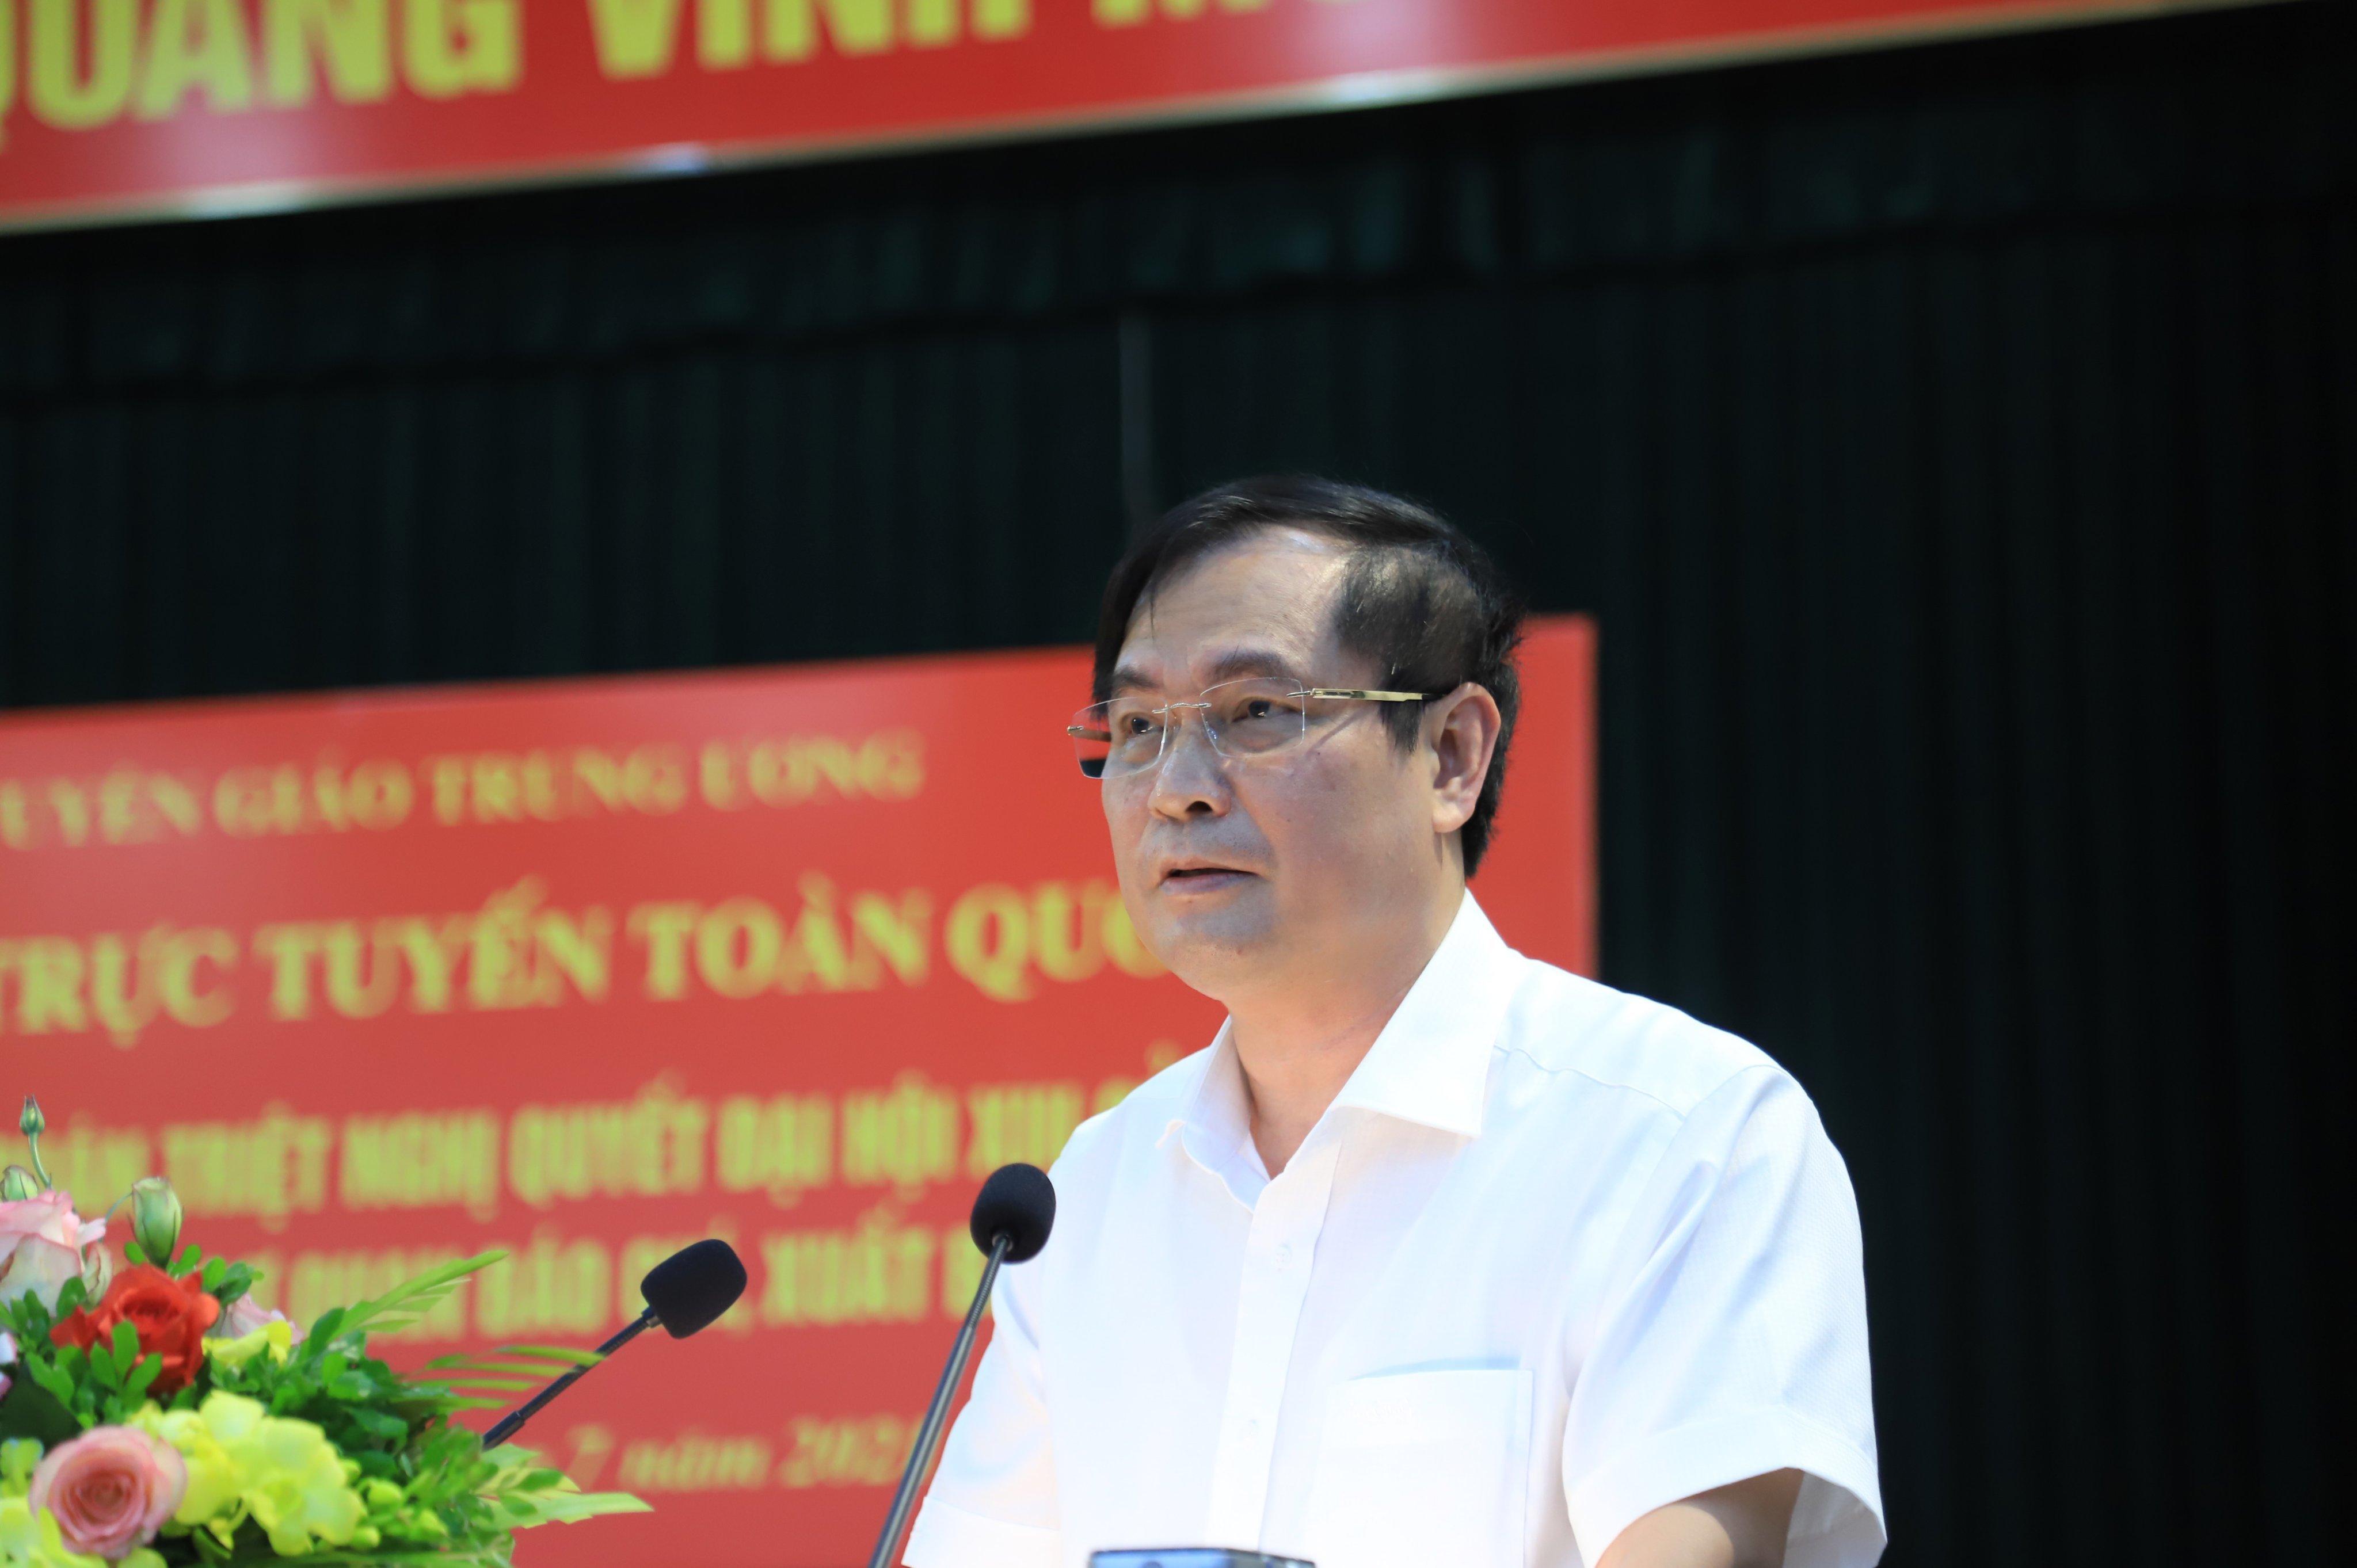 2.900 lãnh đạo cơ quan báo chí, xuất bản được quán triệt nghị quyết Đại hội XIII